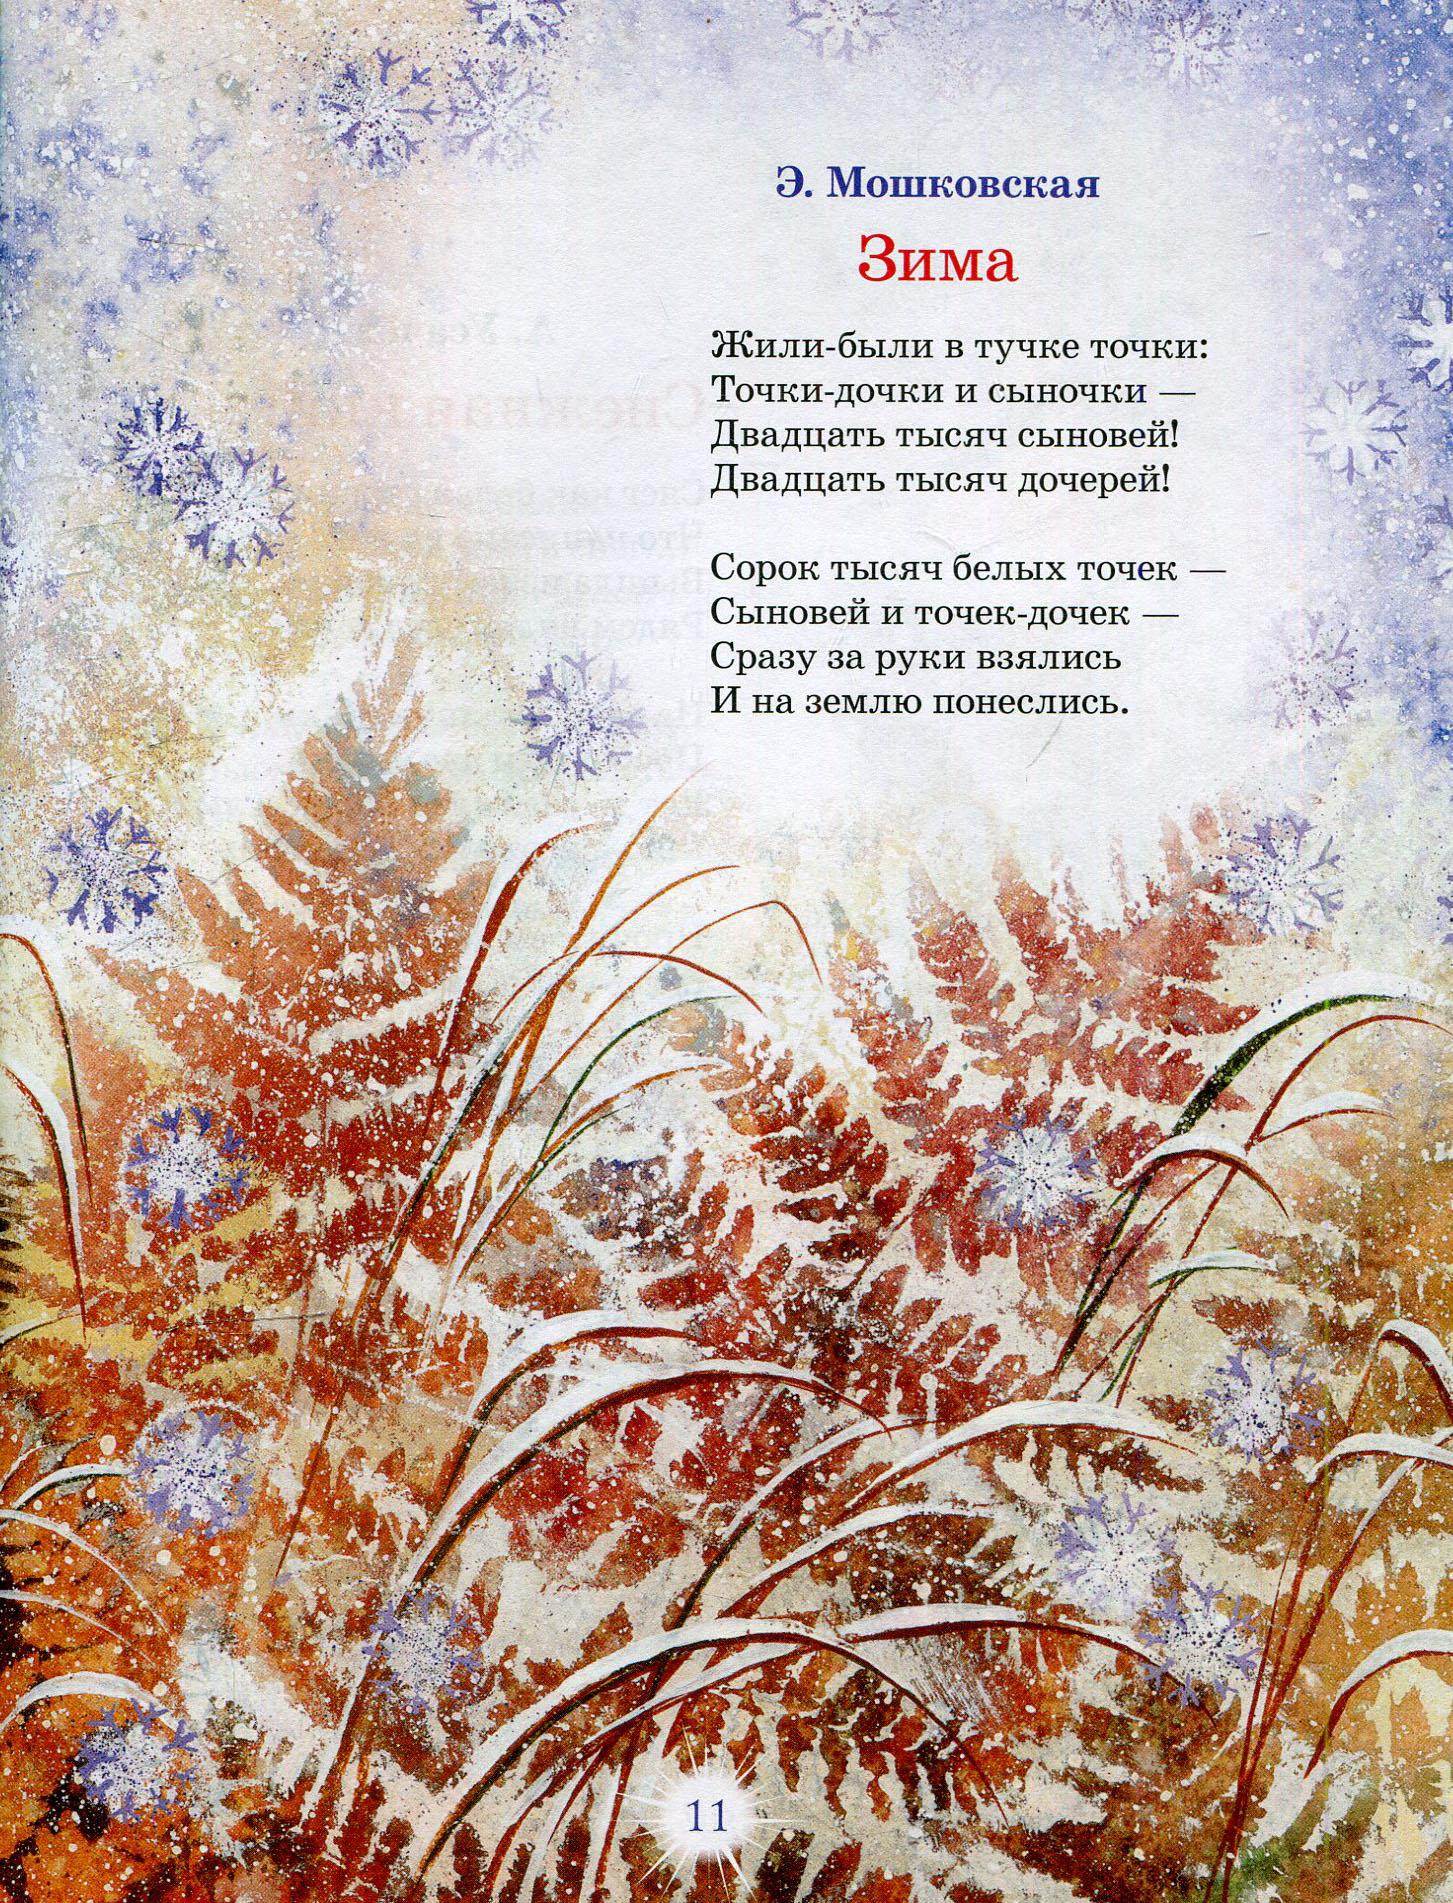 новогодние стихи поэтов классиков вещи все еще